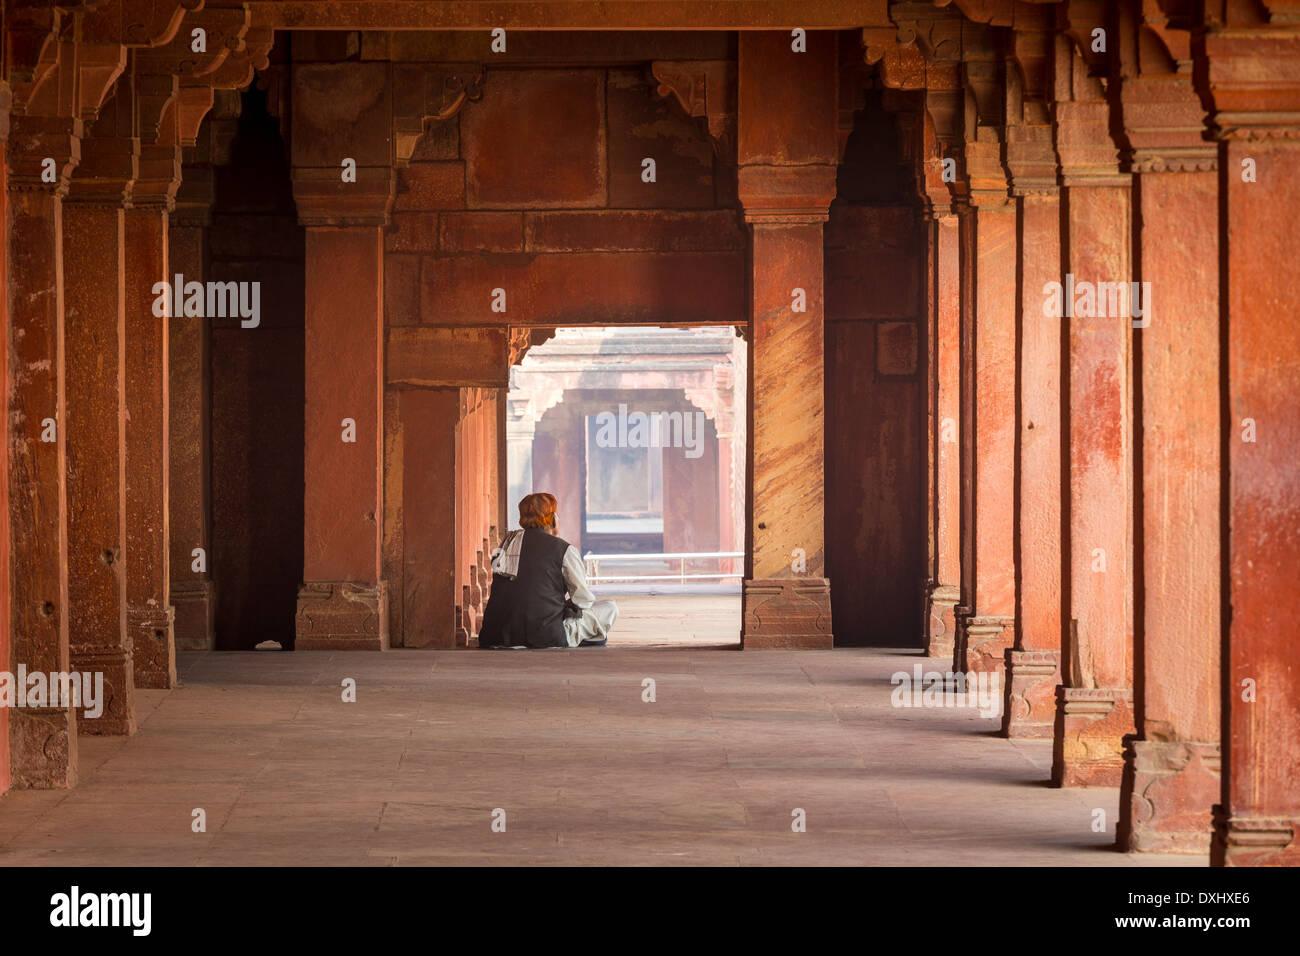 Fatehpur Sikri ist eine Stadt und ein Gemeinderat in Agra Bezirk im Bundesstaat Uttar Pradesh, Indien Stockbild